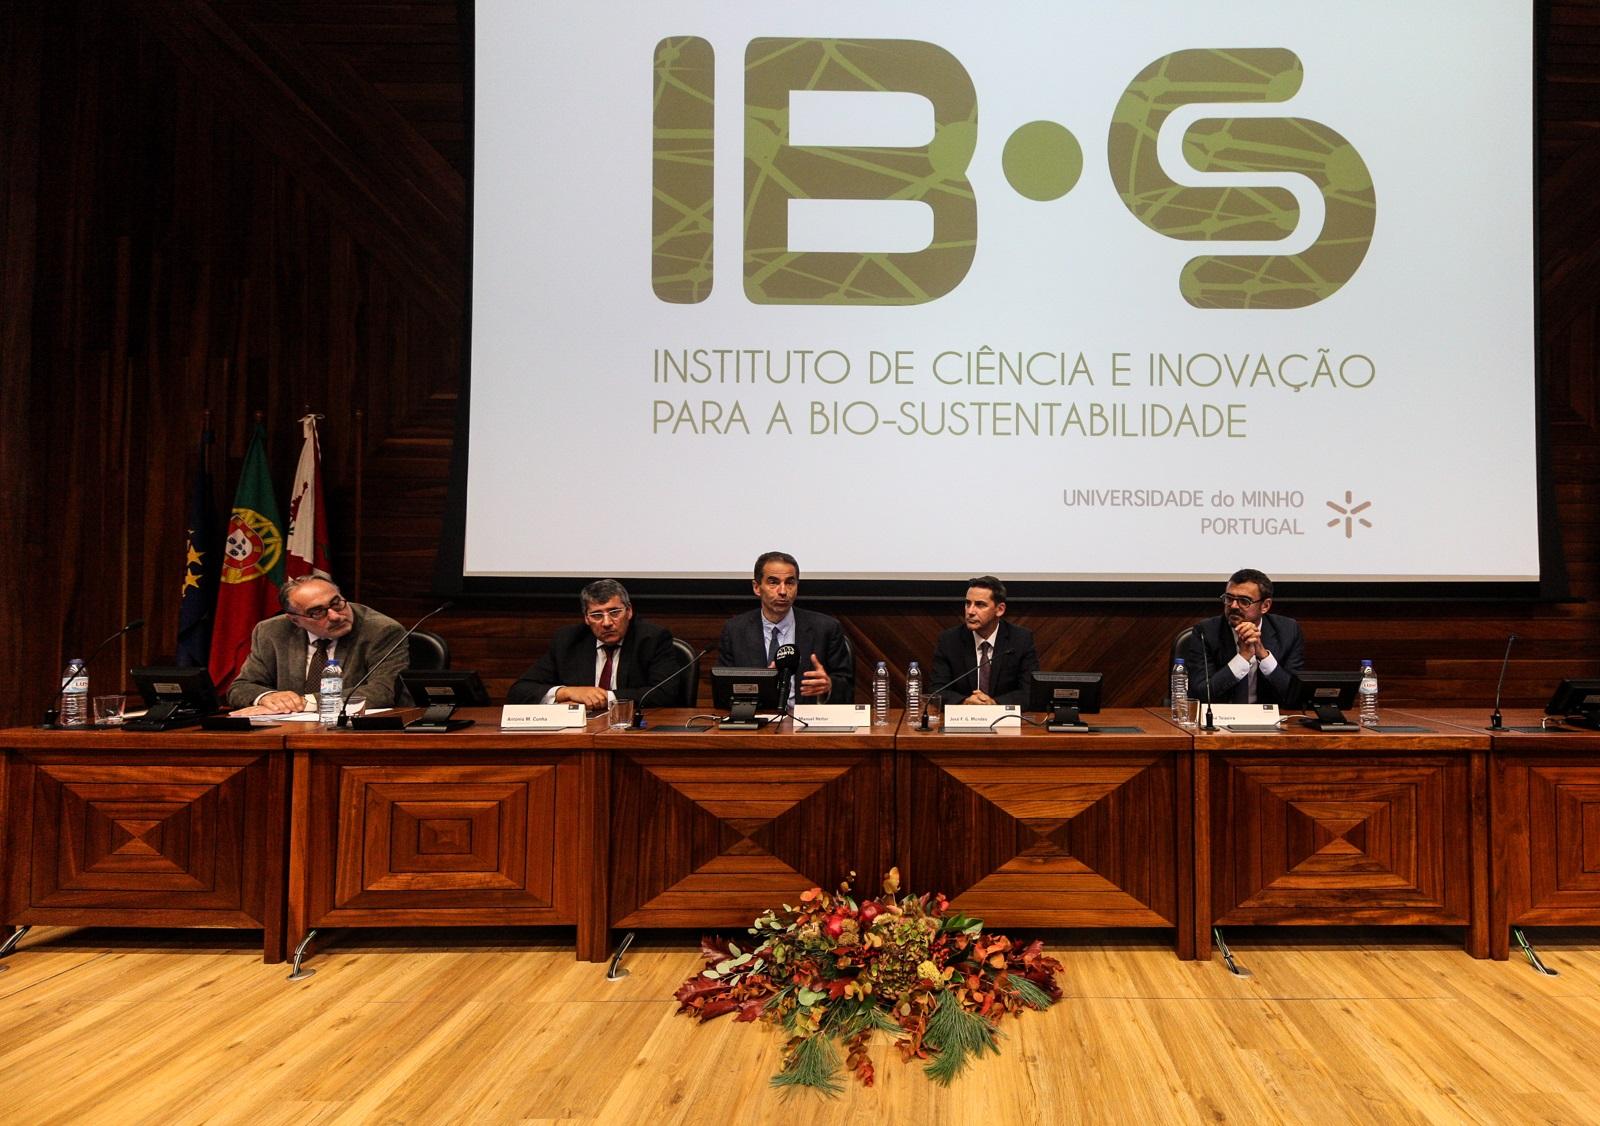 Cerimónia de inauguração (foto de Nuno Gonçalves/UMdicas)